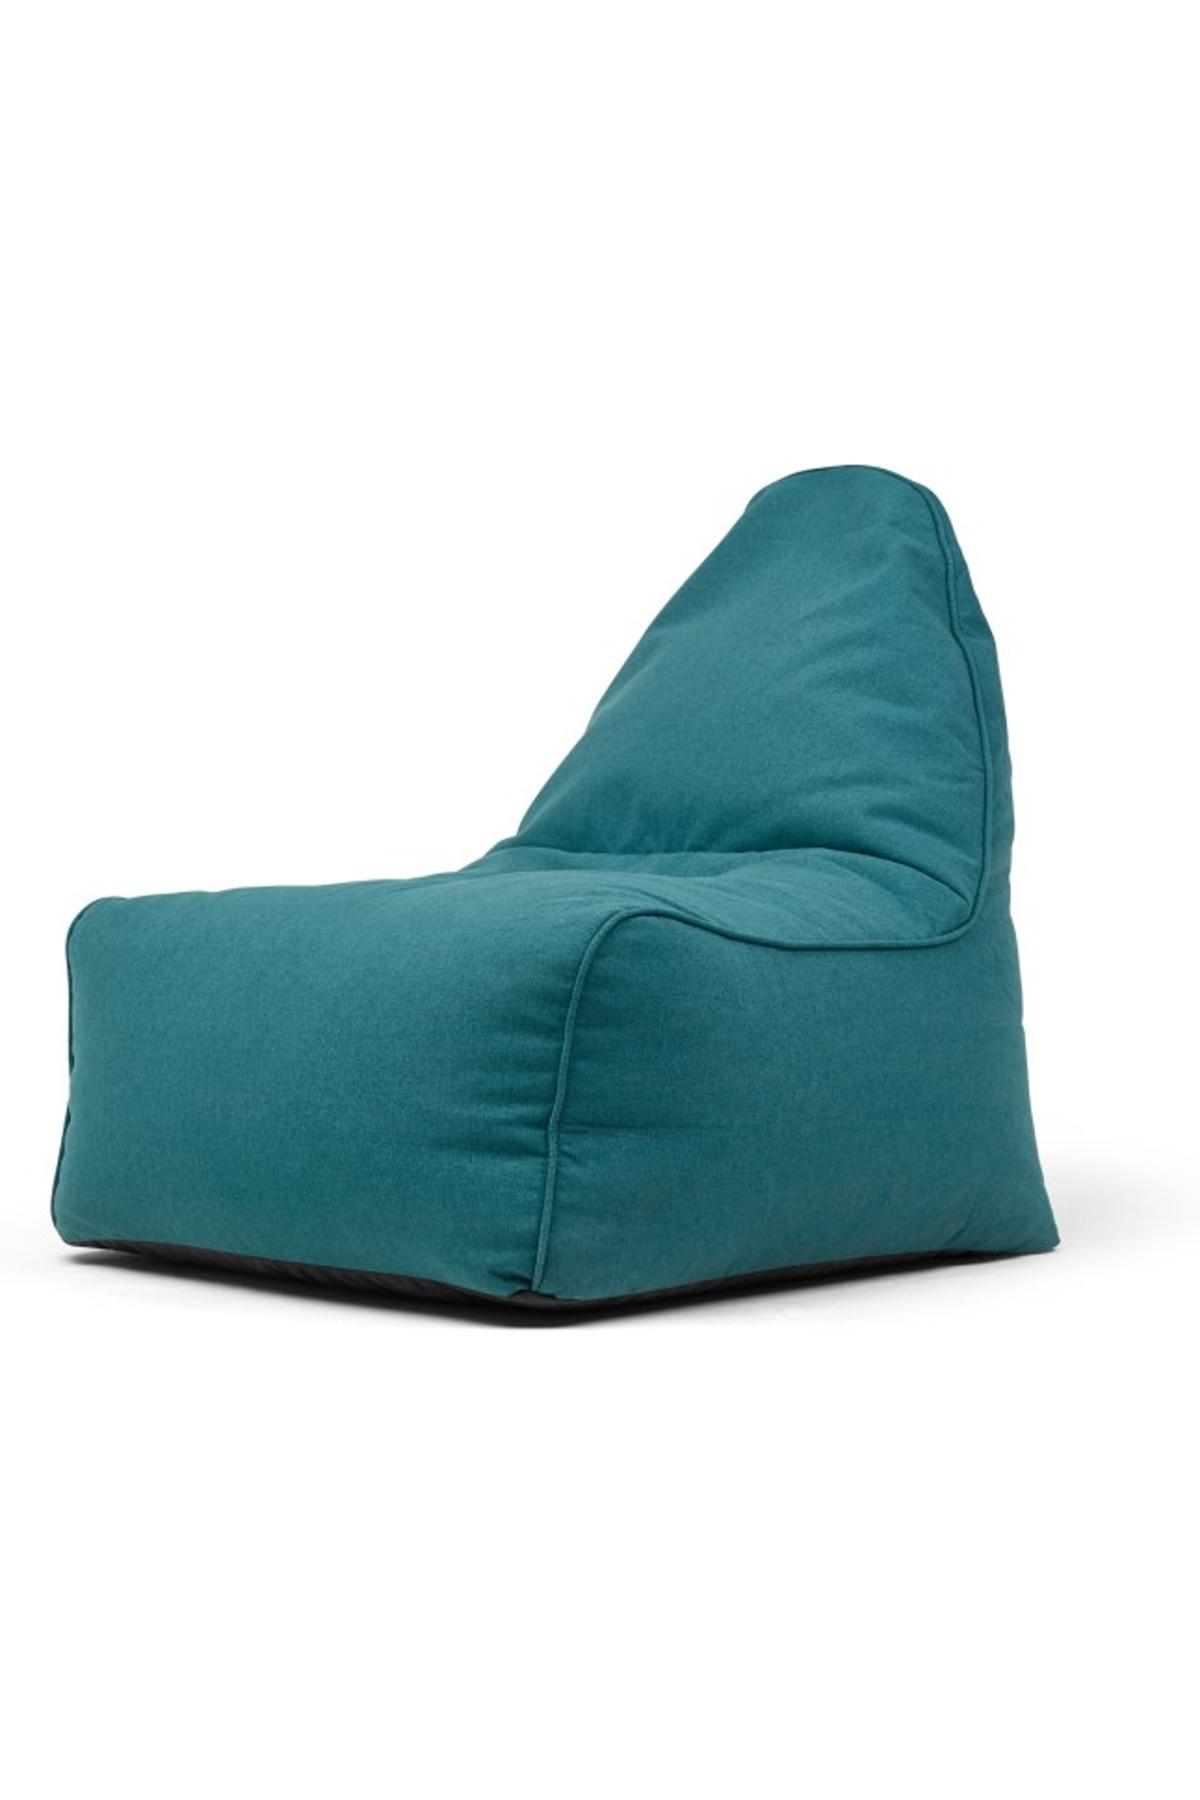 Ayra Bean Bag Chair, Mineral Blue | Bean bag chair, Bean